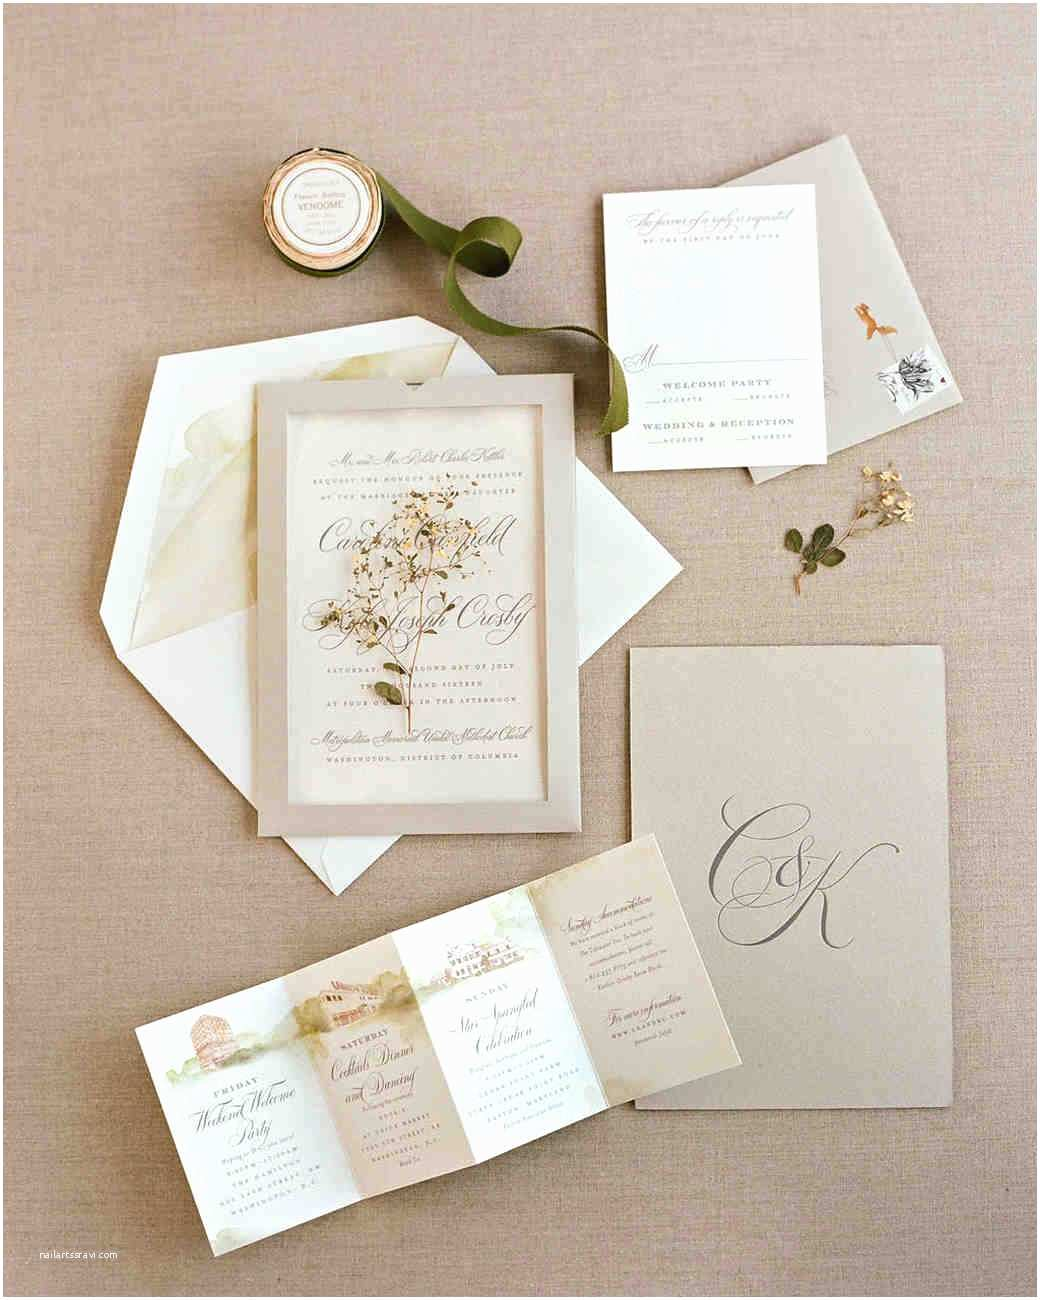 Martha Stewart Wedding Invitations Martha Stewart Wedding Invitation Kit – Mini